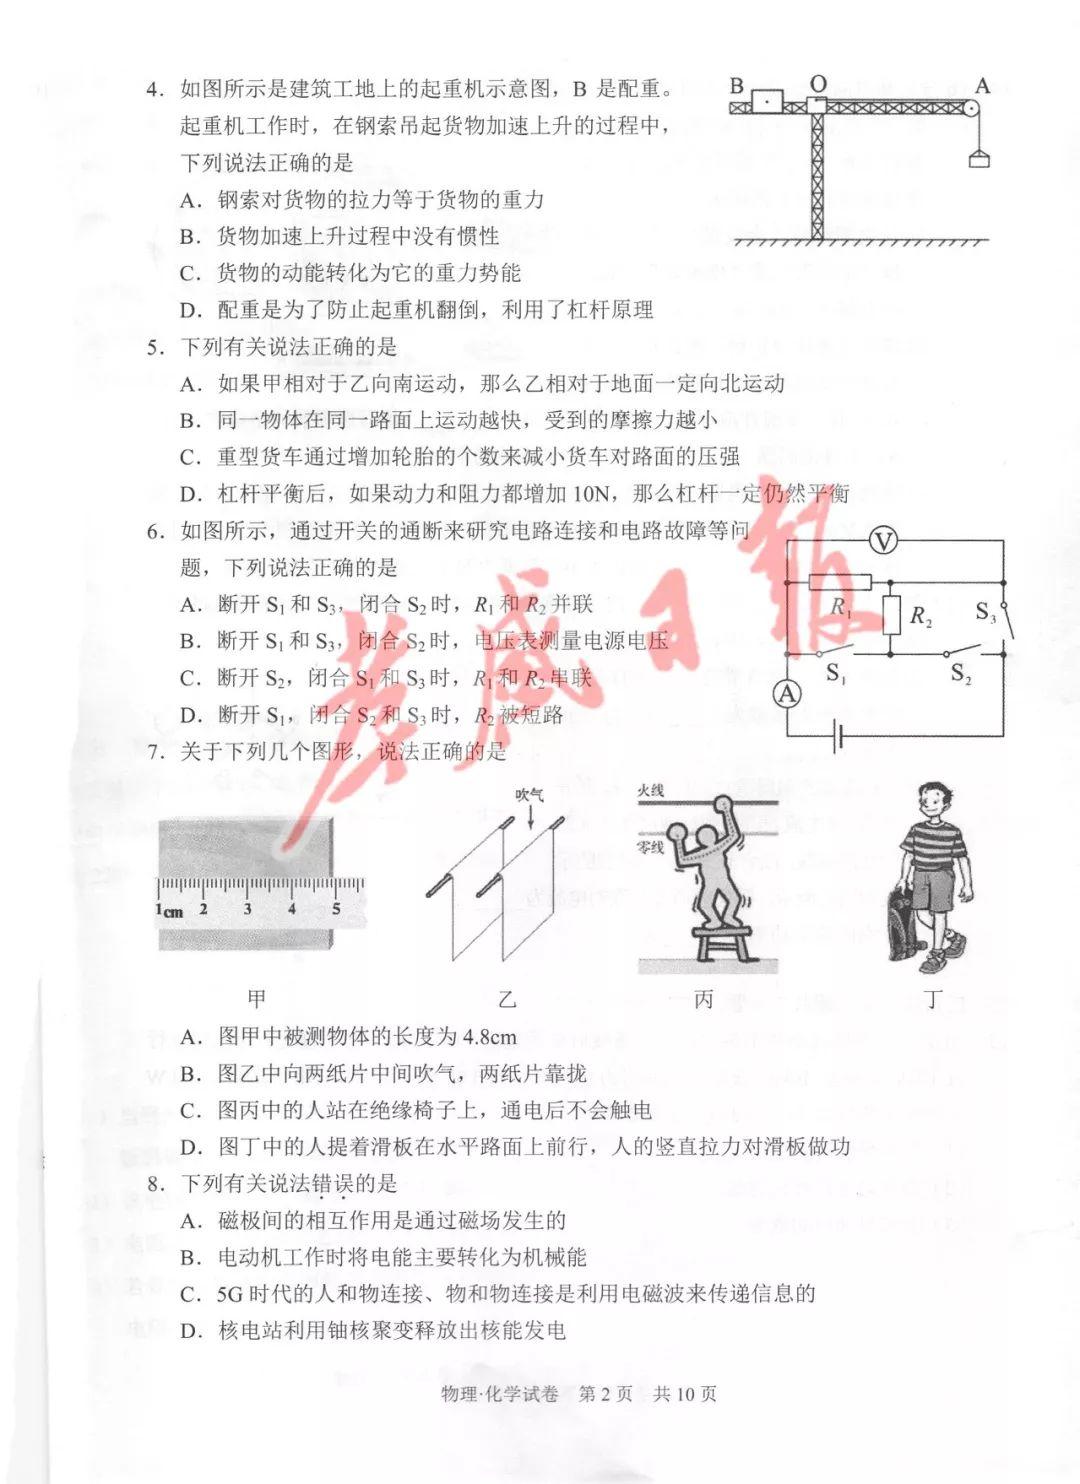 2019湖北孝感中考《物理、化学》真题及答案已公布